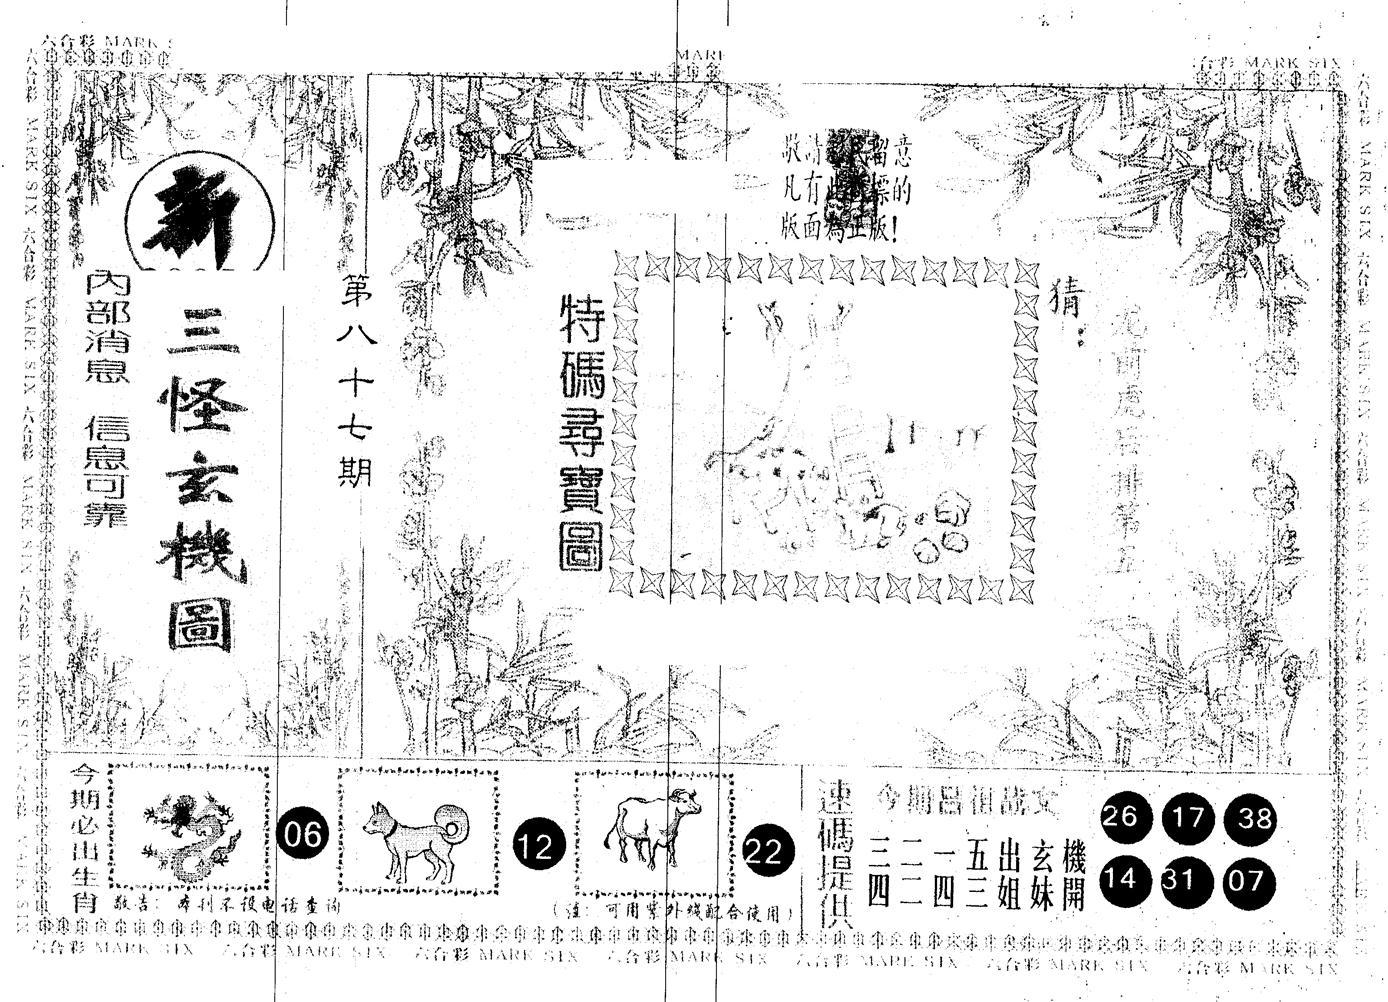 087期另版新三怪(黑白)